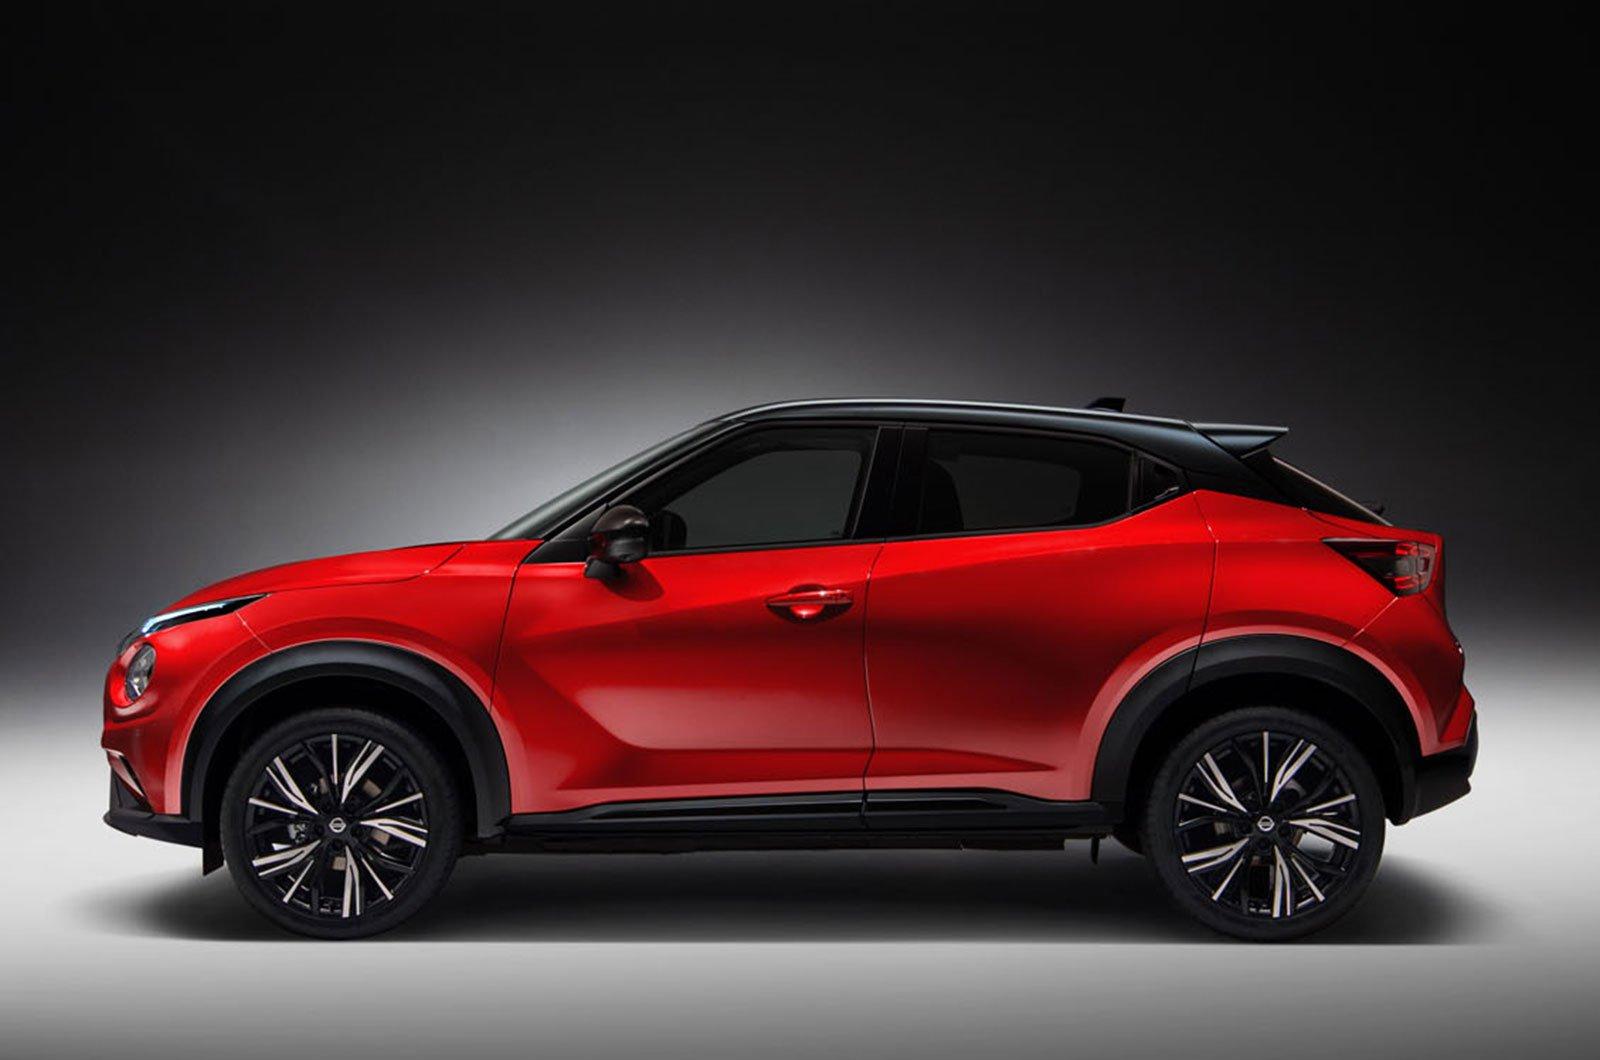 2020 Nissan Juke side